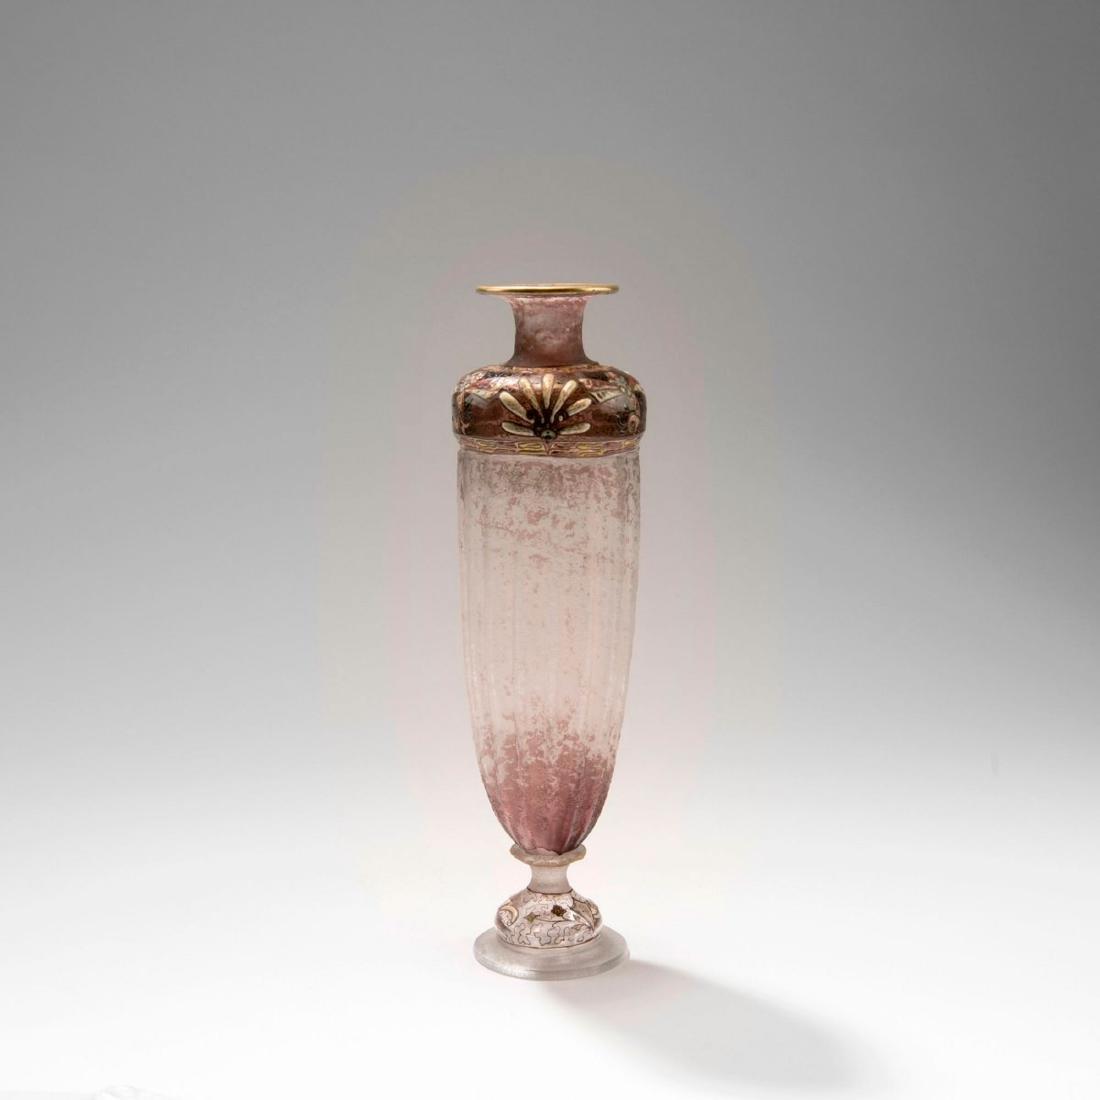 Vase, c. 1890